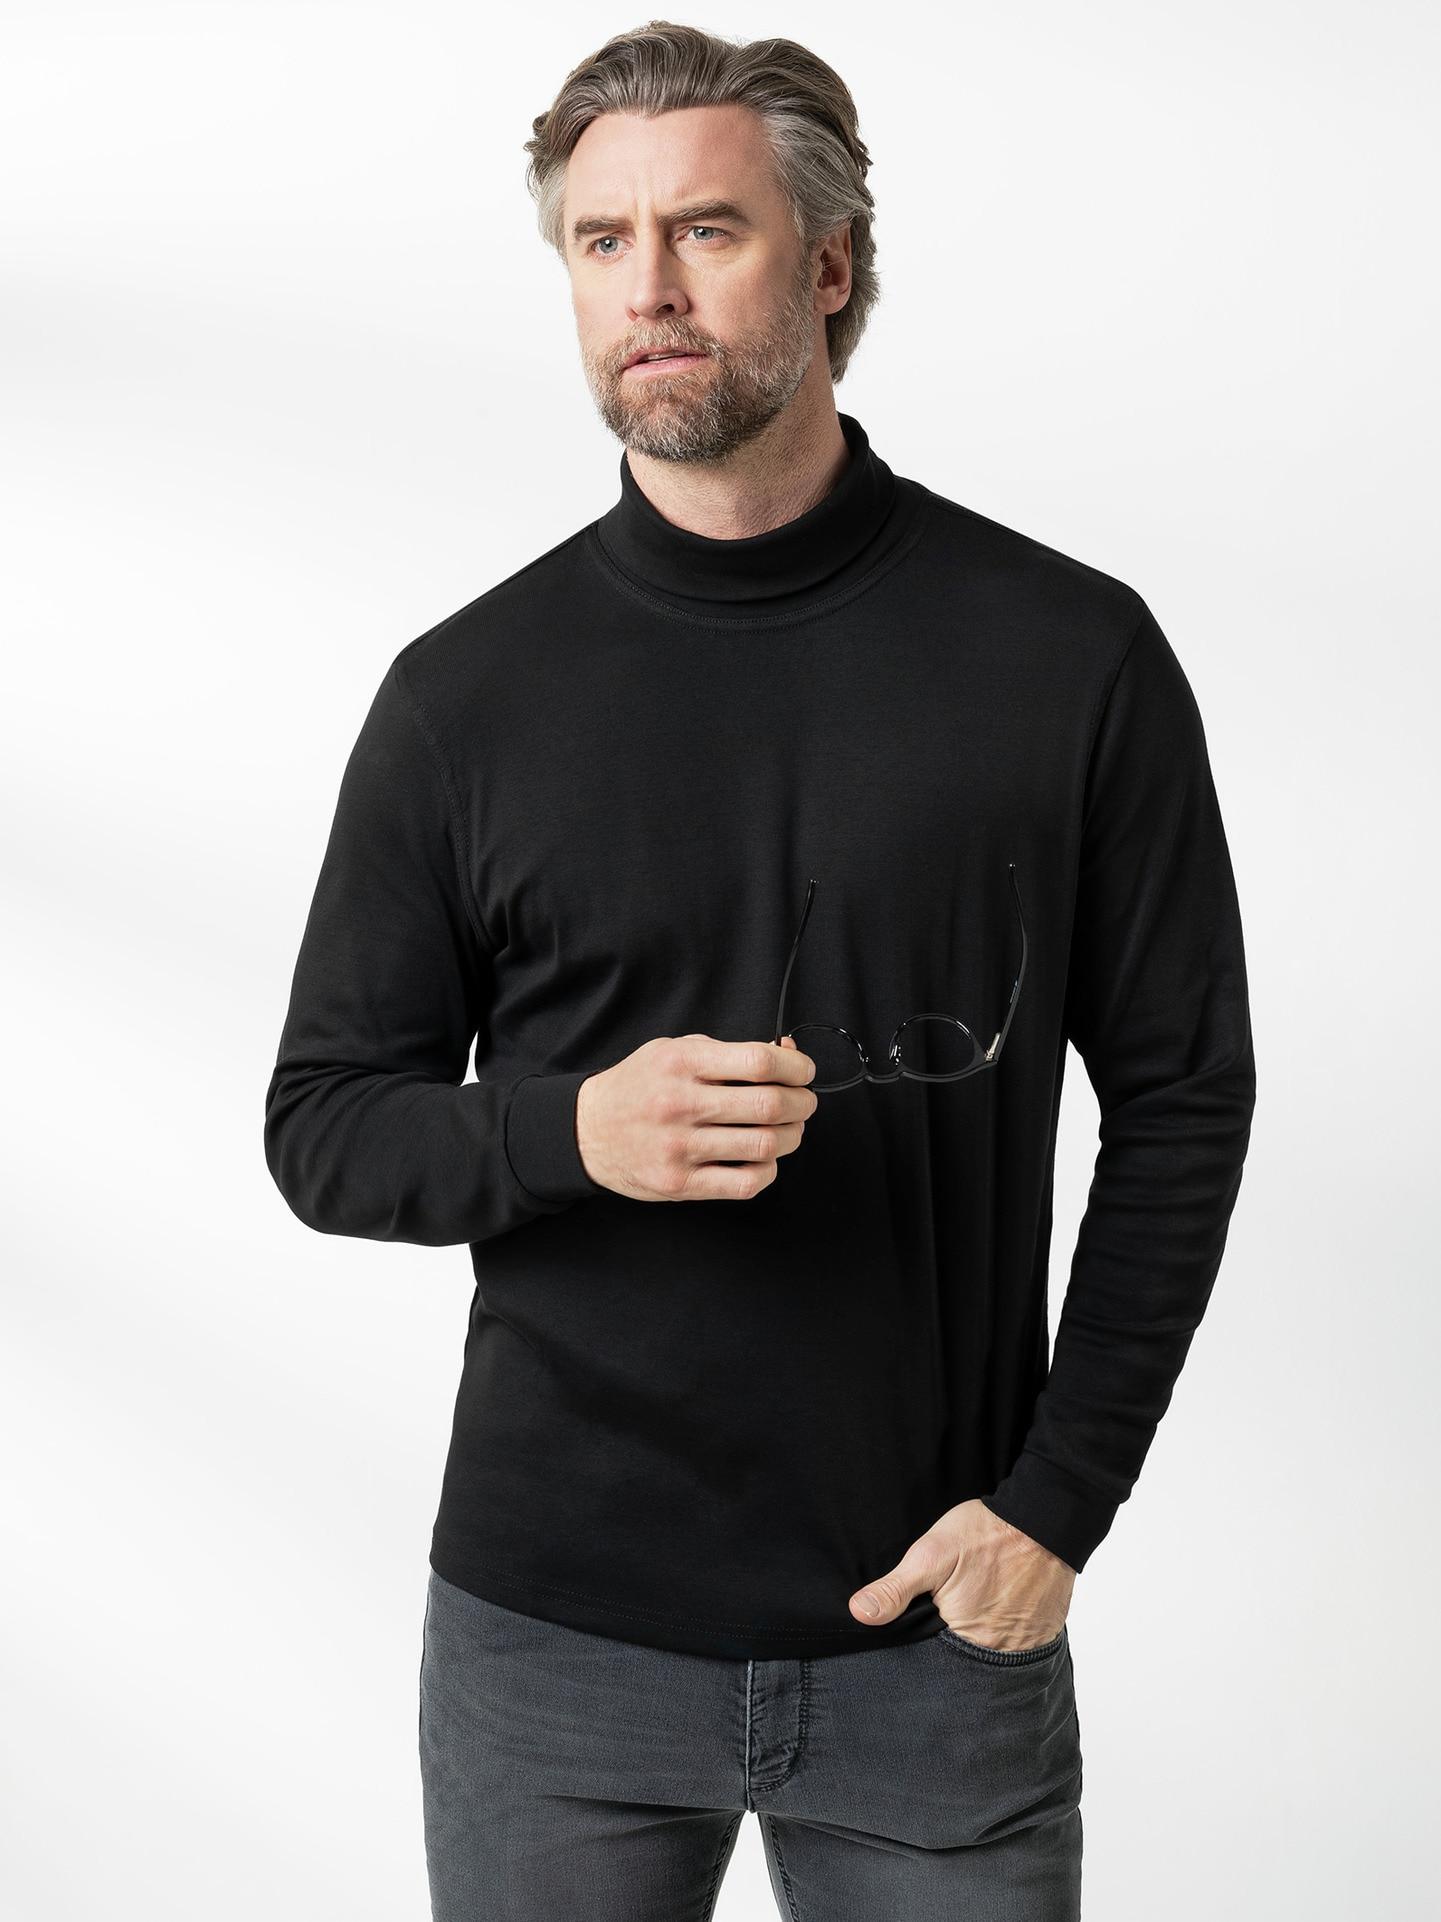 Rollkragen-Shirt Herr im Online-Shop bequem kaufen   Walbusch 8f57a1d62b